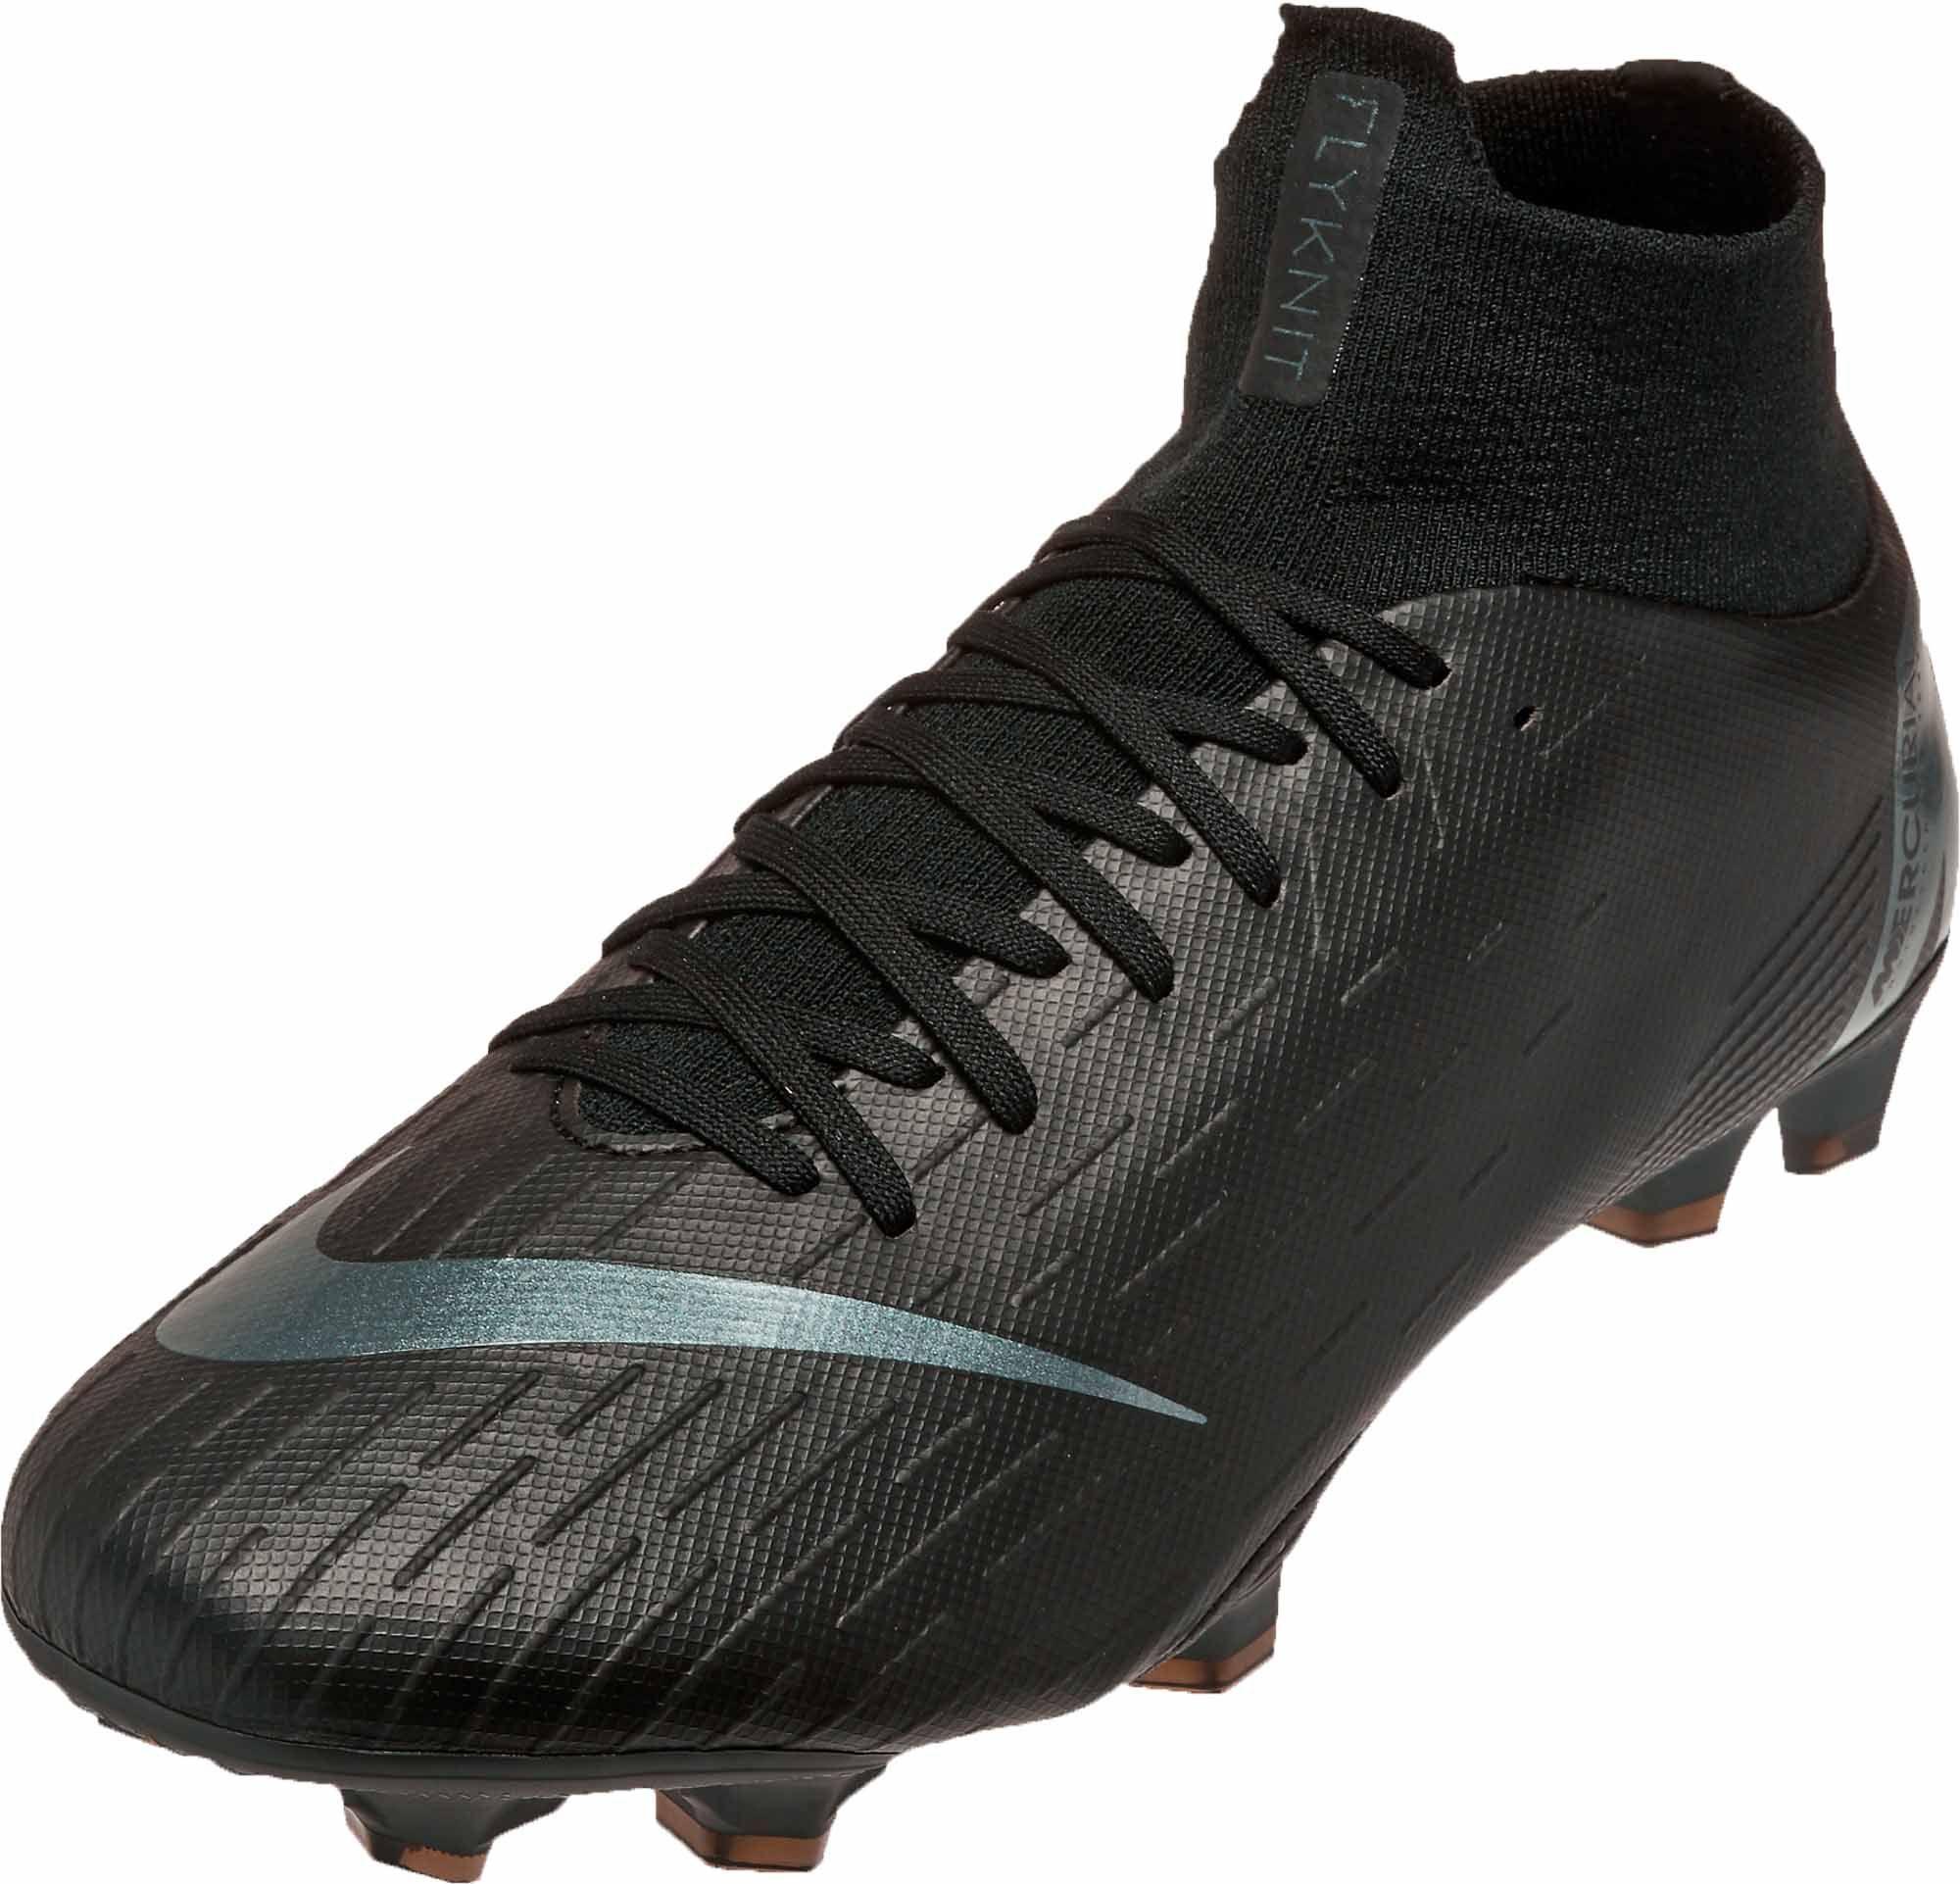 04e7c6cbb Nike Superfly 6 Pro FG – Black/Black | Soccer shoes | Nike, Superfly ...